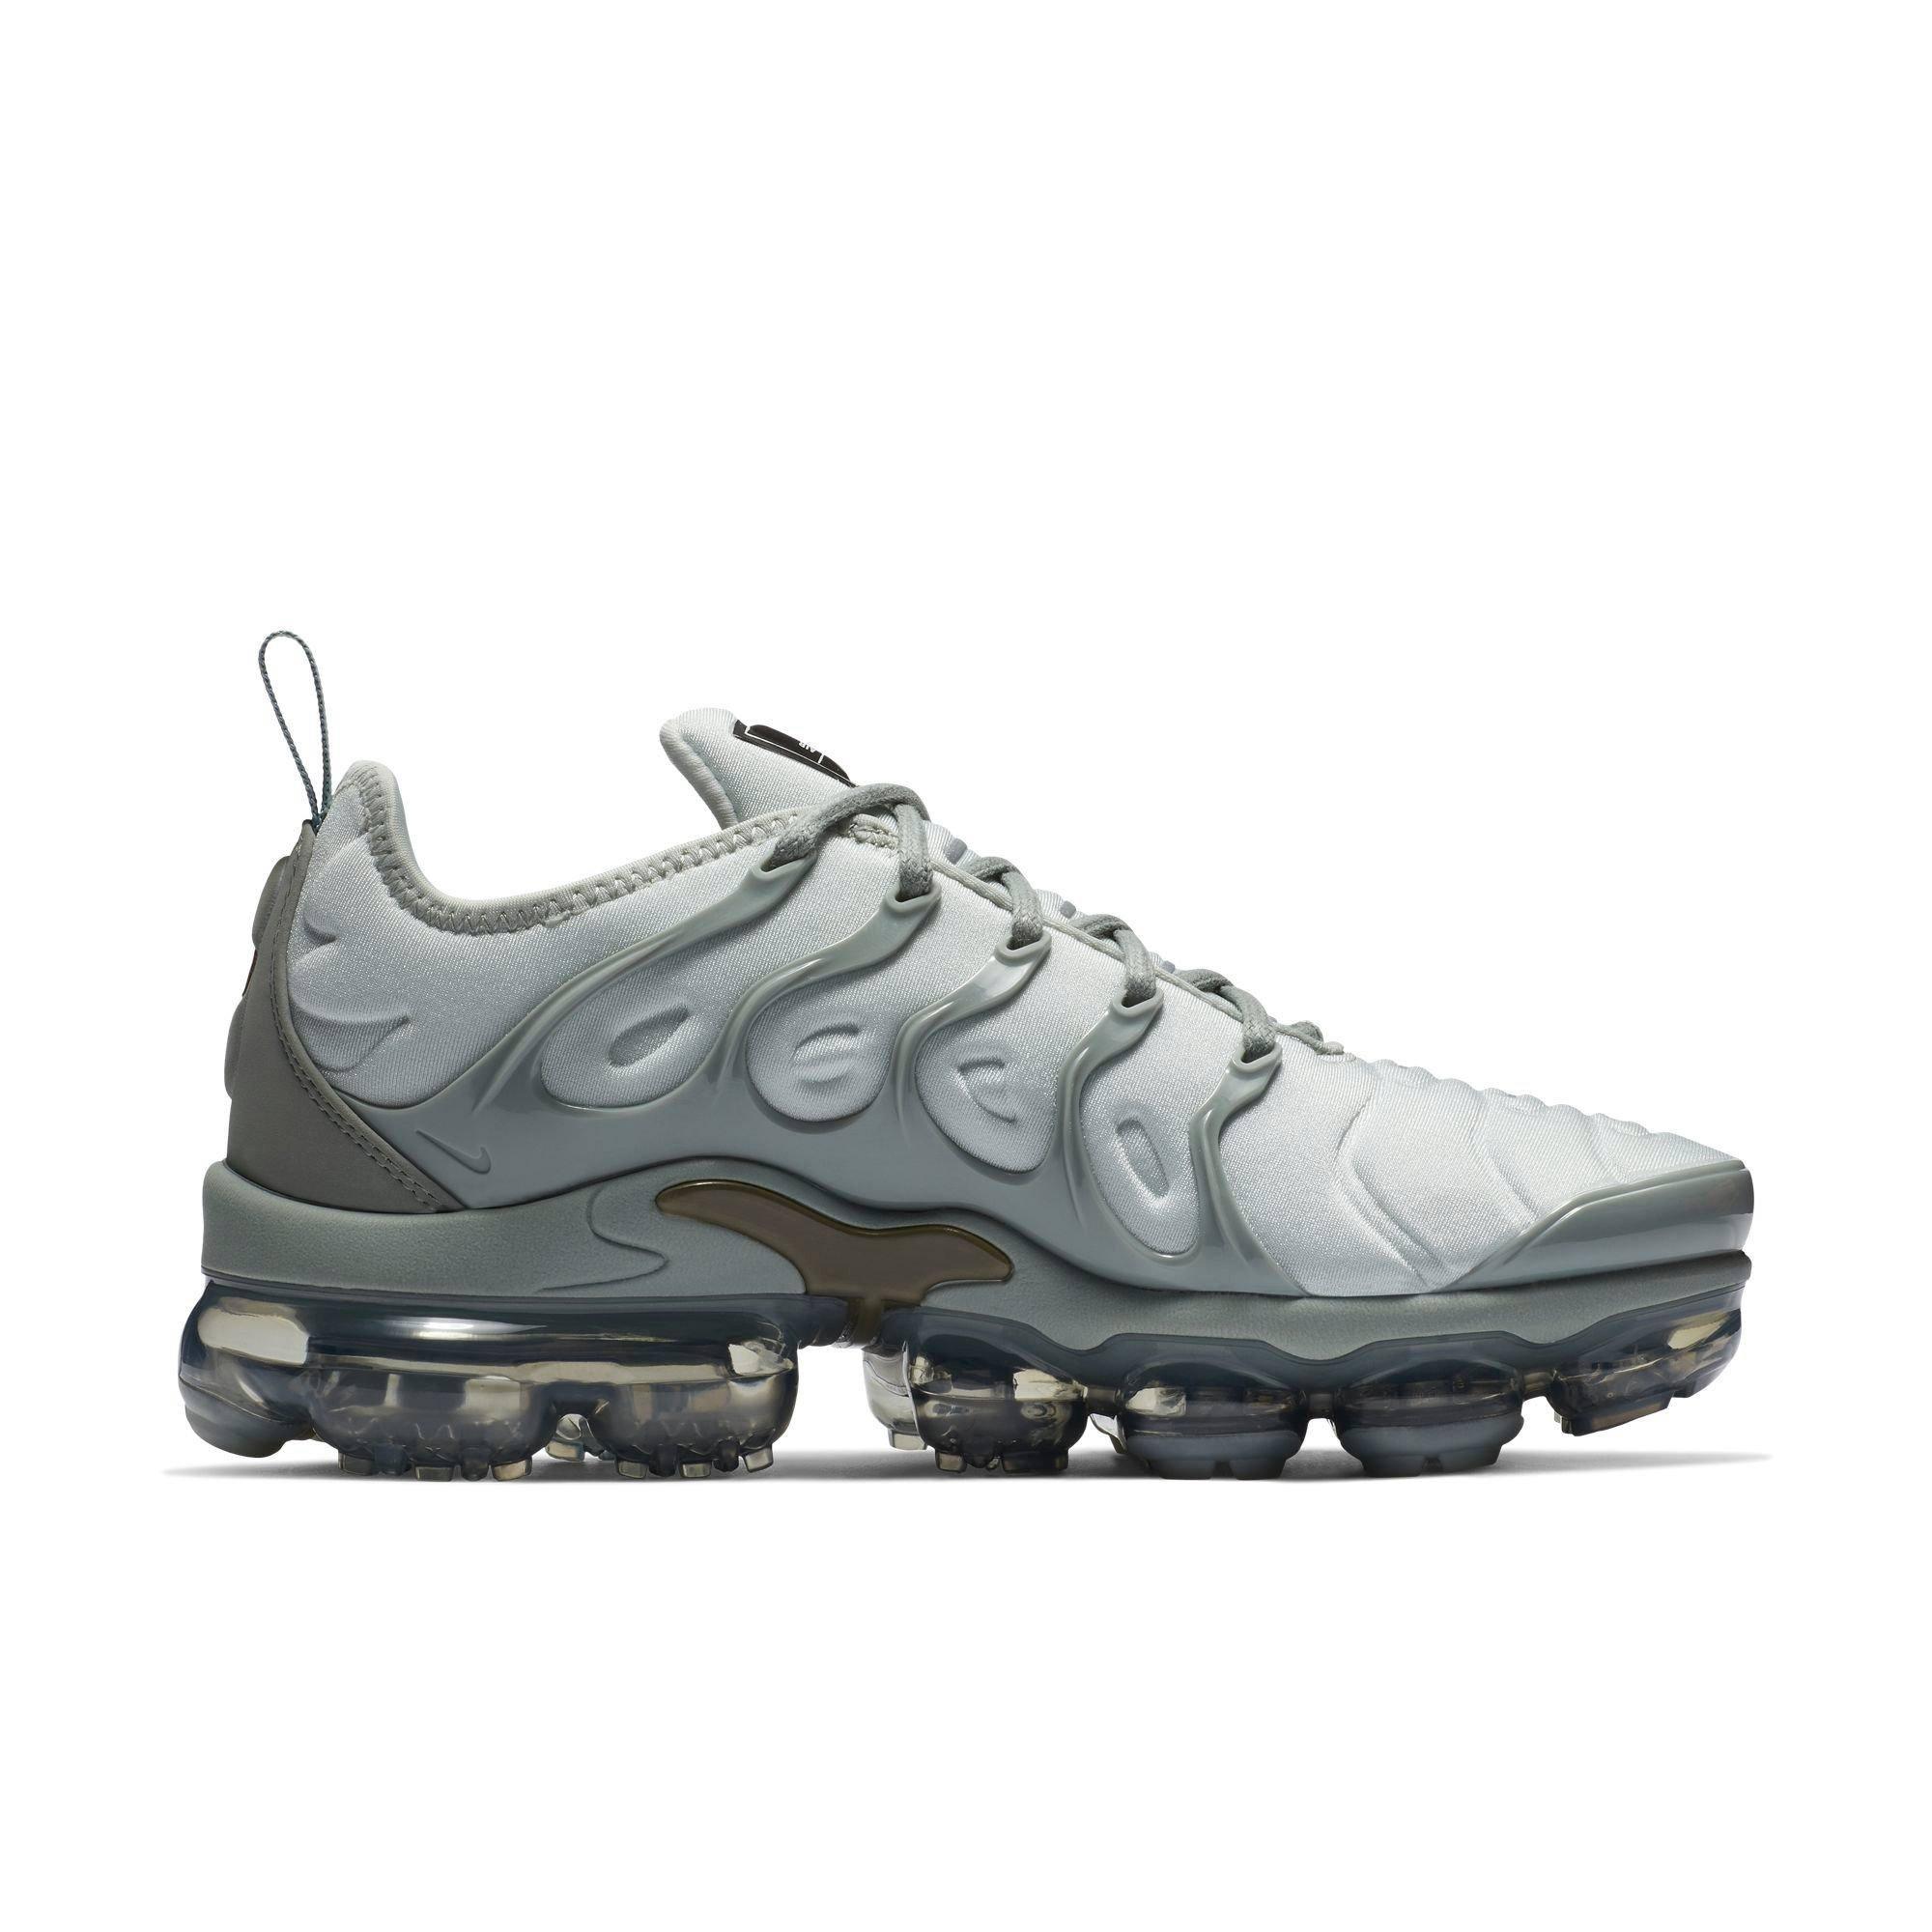 Medium Nike Plus Vapormax Silber Silver Reflektieren Ao4550006 8 Größe Damenschuhe Light Air Olive ZzZwFrqa